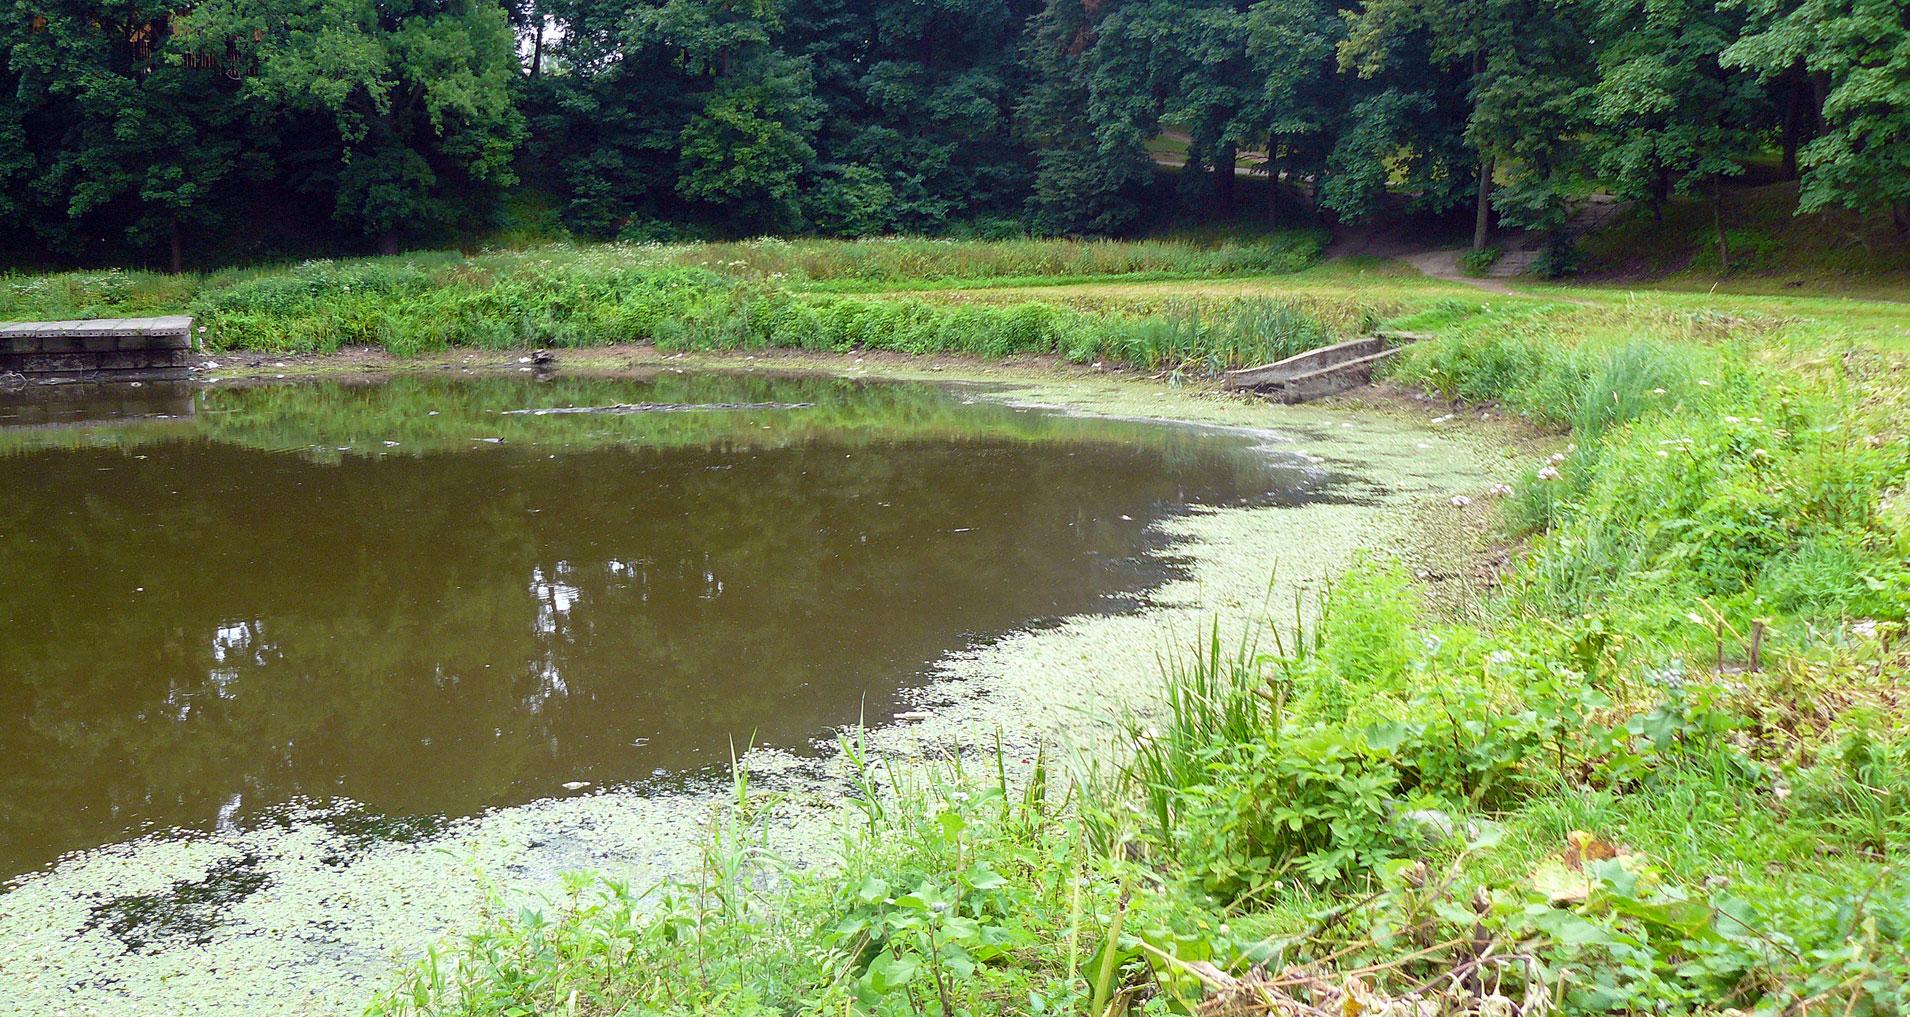 Отчёт по практике МГУП инстерГОД Для приведения каскада прудов в надлежащий вид необходимо провести мероприятия по их очистке с предварительным спуском воды произвести планирование и